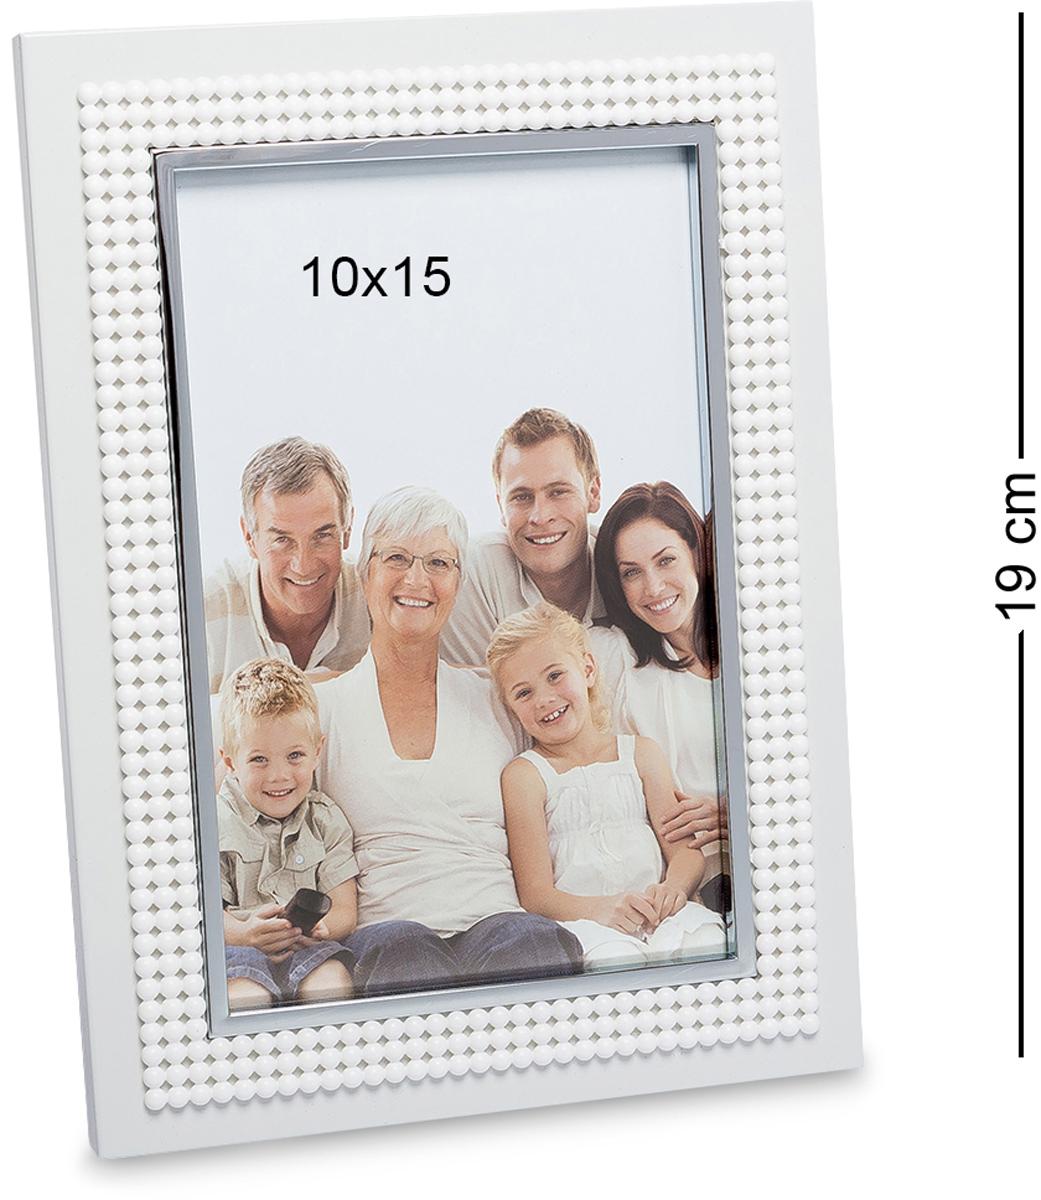 Фоторамка Bellezza Casa Яркое свидание, фото 10х15. CHK-074RG-D31SФоторамка для фотографий 10х15 см.Металлическая рамочка для фото Яркое свидание украсит и сделает особенной даже самое простое фото. Хотя, как фото семьи, с друзьями может быть обычным. Но рамка сделает фото еще более особенным и красочным. В такой рамочке не стыдно фотокарточки поставить и на полку, и повесить на стену. Может показаться, что в ней нет ничего особенного, она не переполнена деталями, но это и делает ее до такой степени оригинальной. Мелкие бусинки по ободку рамочки украшают ее, но не перегружают, и в этом вся ее прелесть.